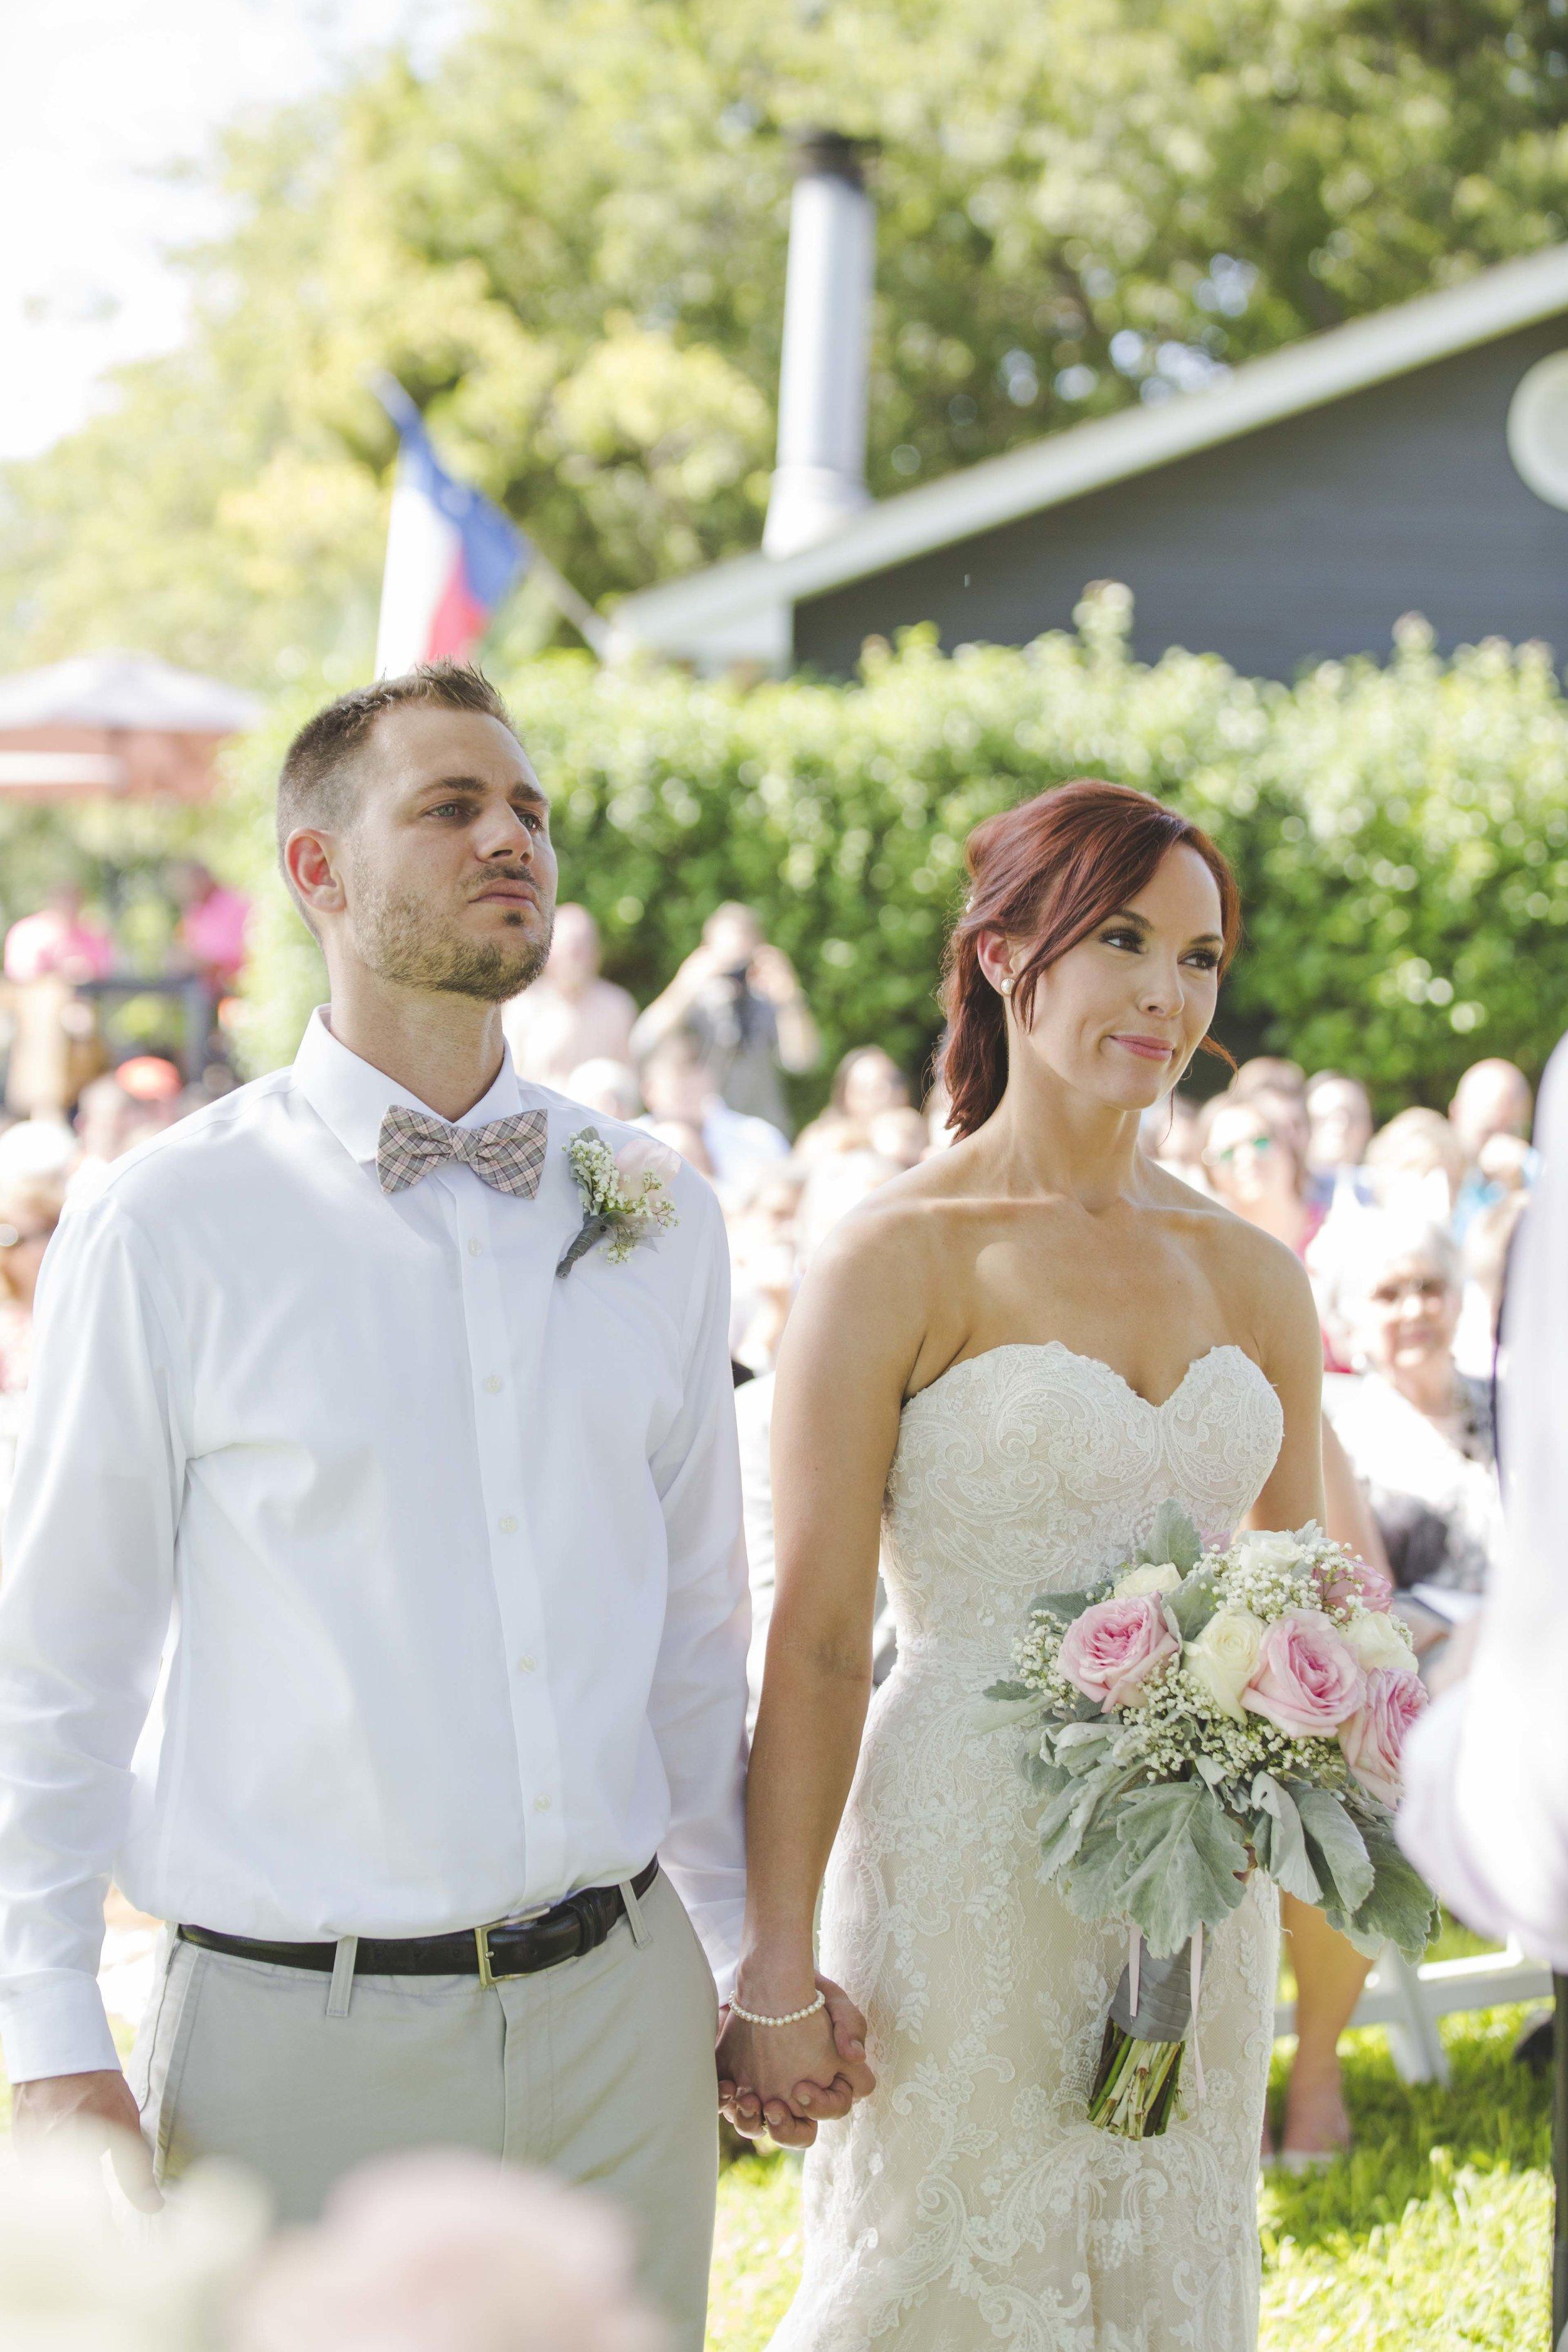 ATGI_Susanna & Matt Wedding_717A7638.jpg